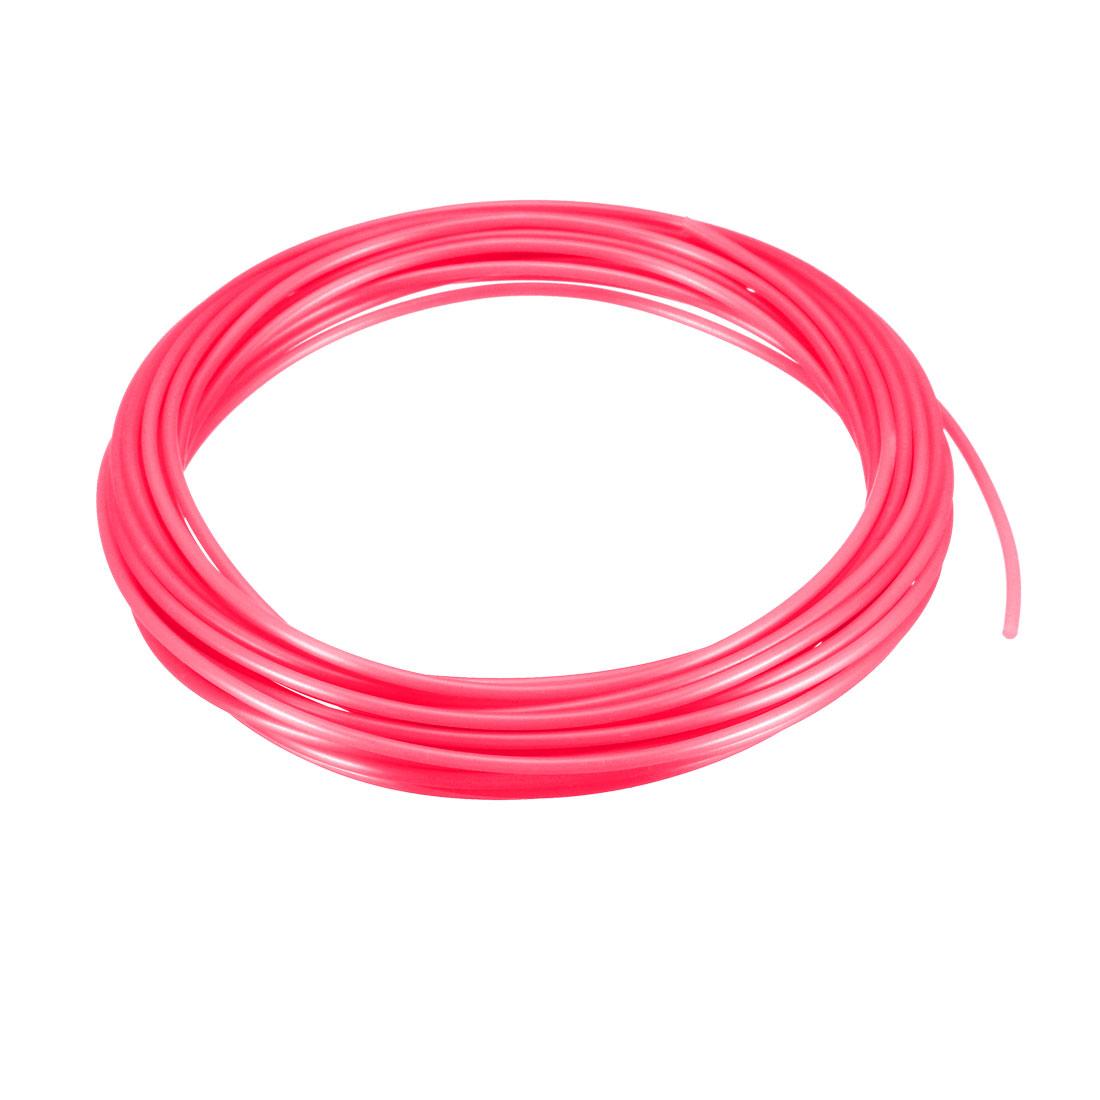 5 Meter/16 Ft PLA 3D Pen/3D Printer Filament, 1.75 mm Pink